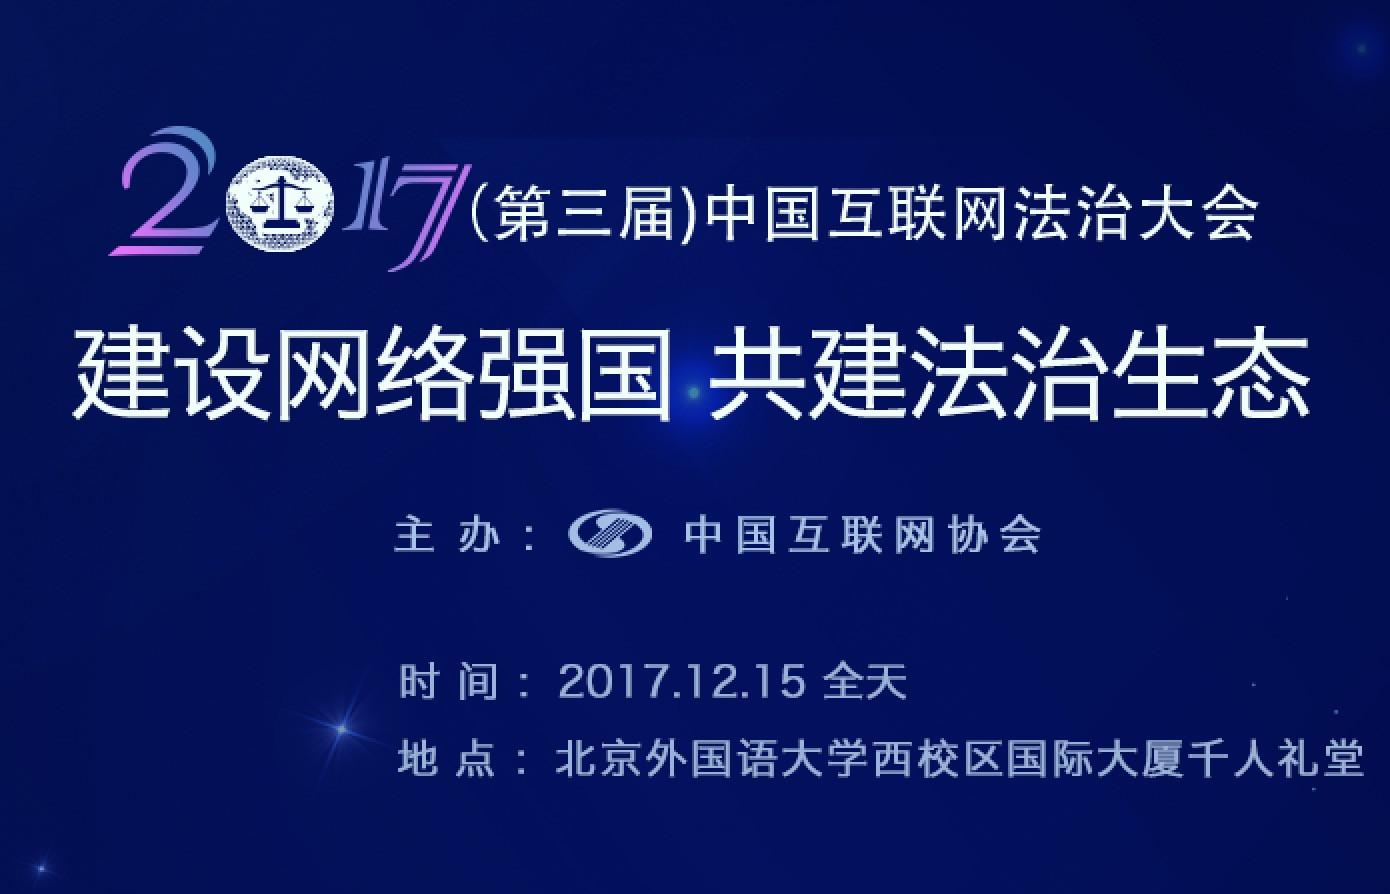 2017(第三届)中国互联网法治大会